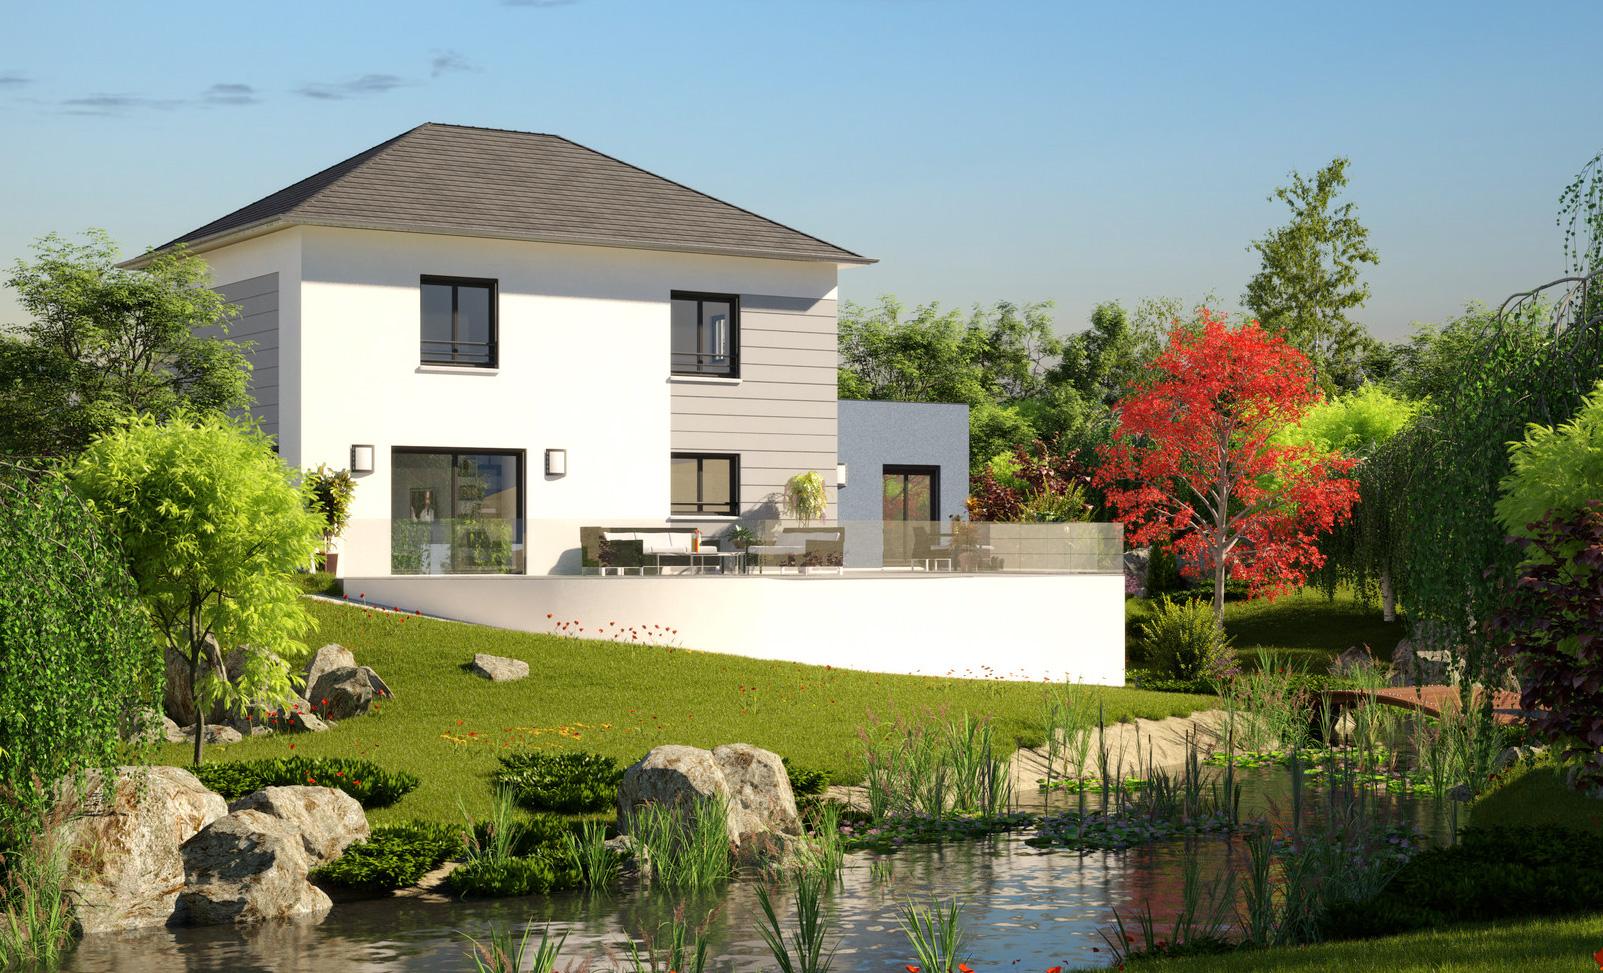 Constructeur maison contemporaine en vendee maison moderne for Constructeur ma maison